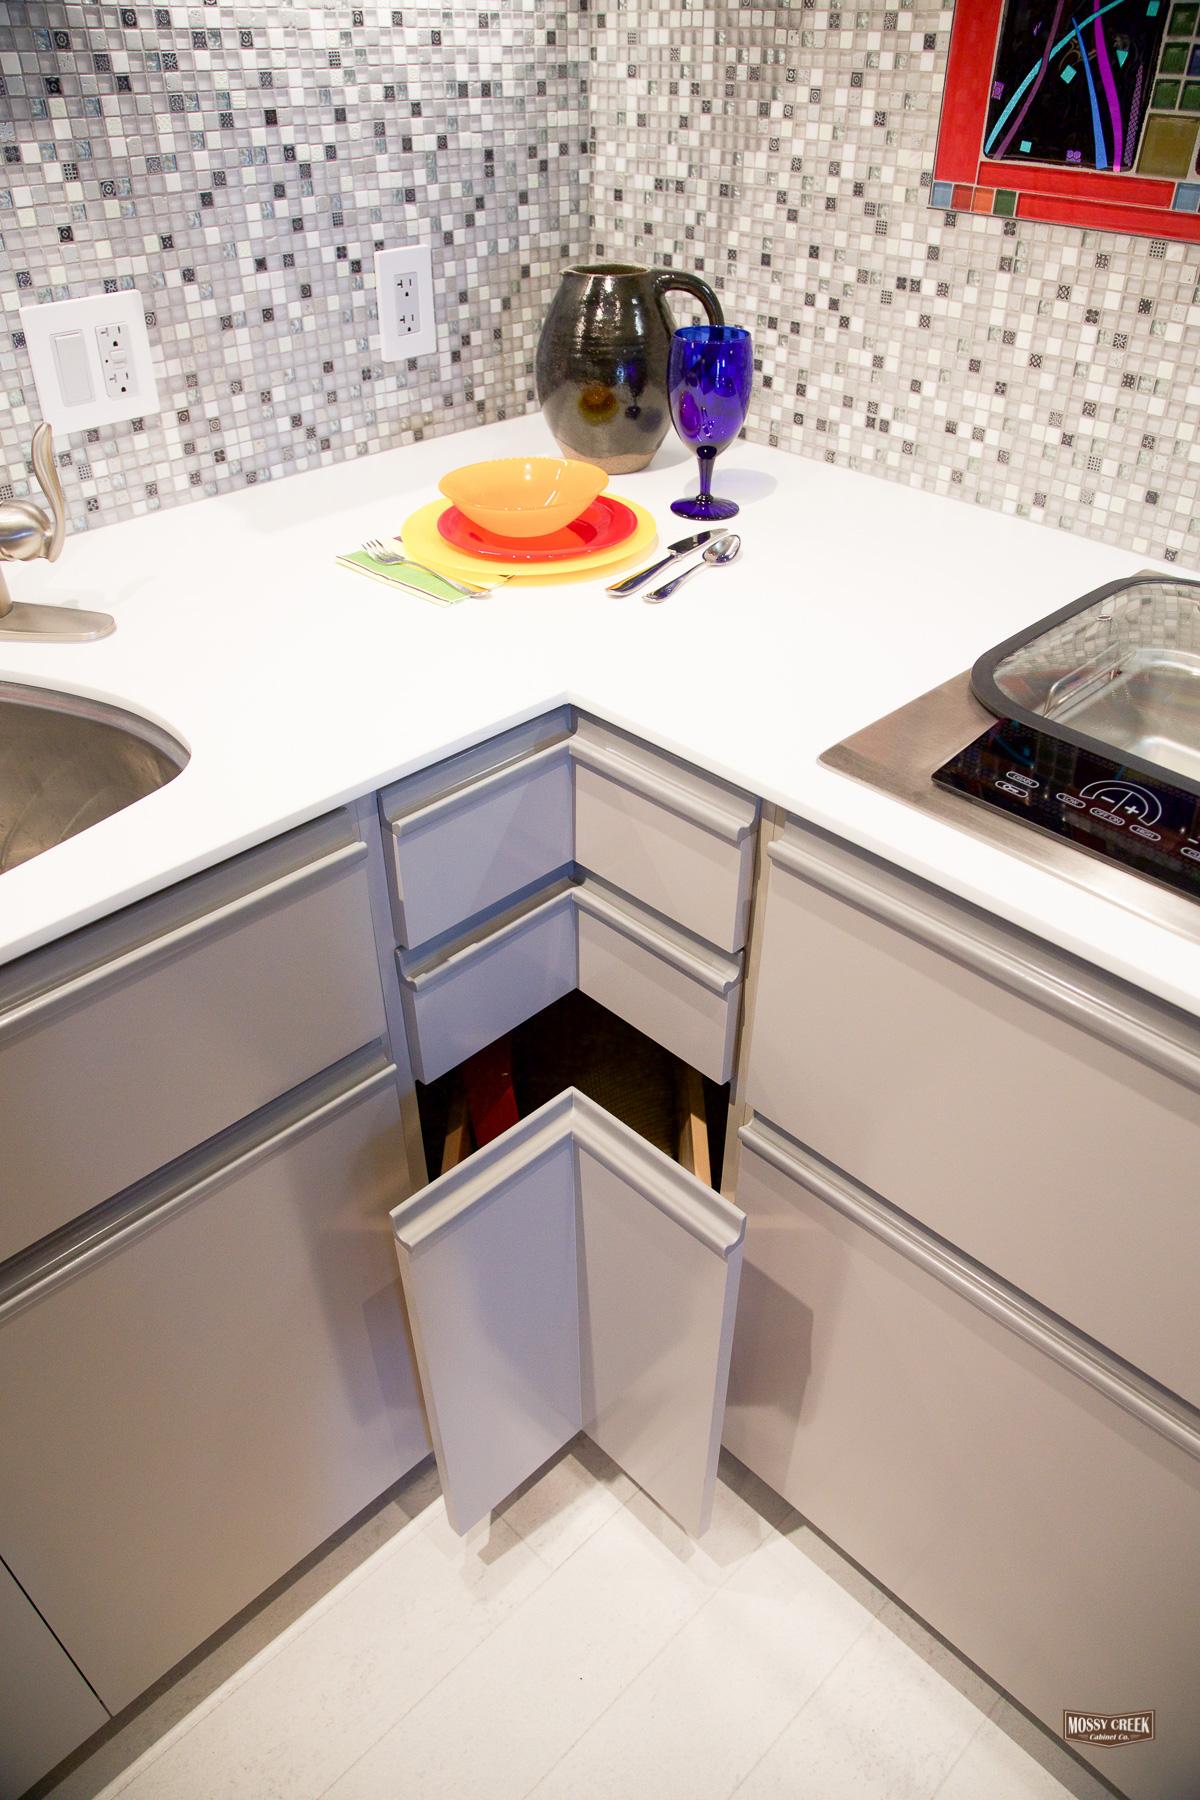 Artists kitchen-22.jpg